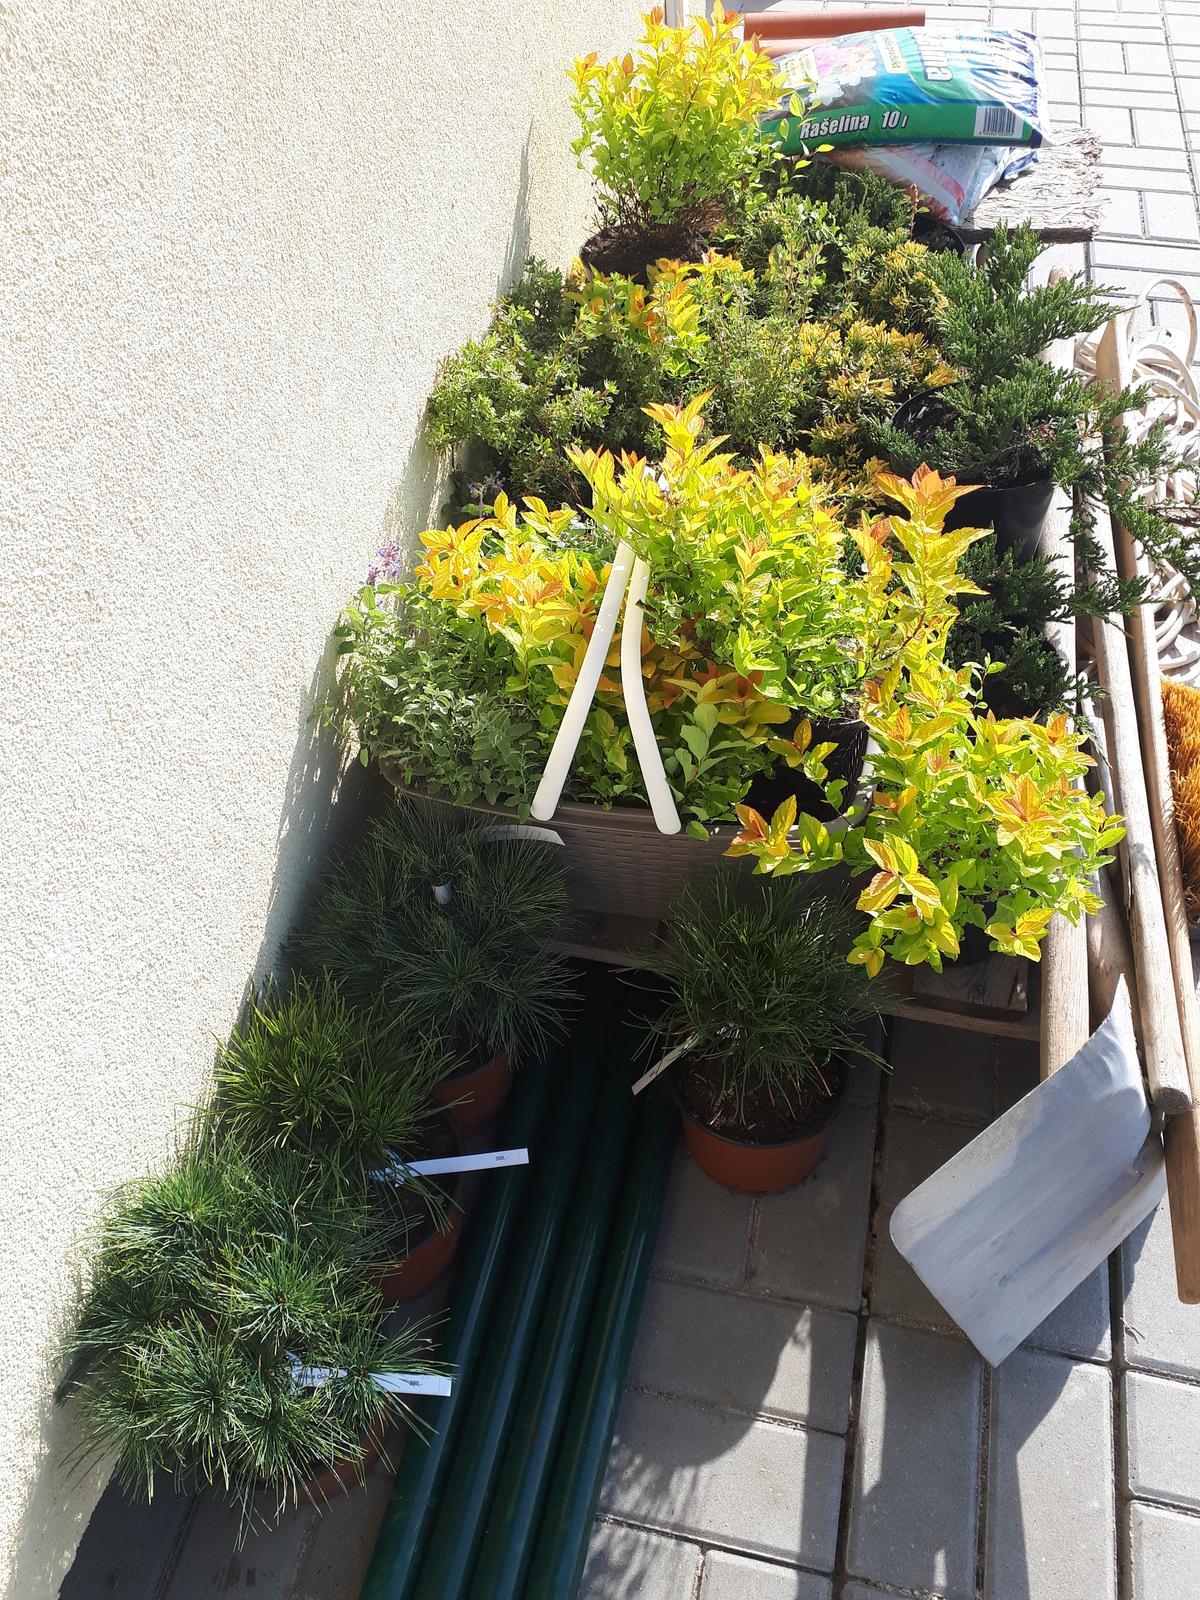 Venku (tam kde už to nevypadá jako staveniště) - Někomu udělá radost koupit si boty či kabelku za 2700 Kč, já to raději utratím v zahradnictví za 27 ks rostlinek :) aneb potřebuji zkulturnit další část zahrady